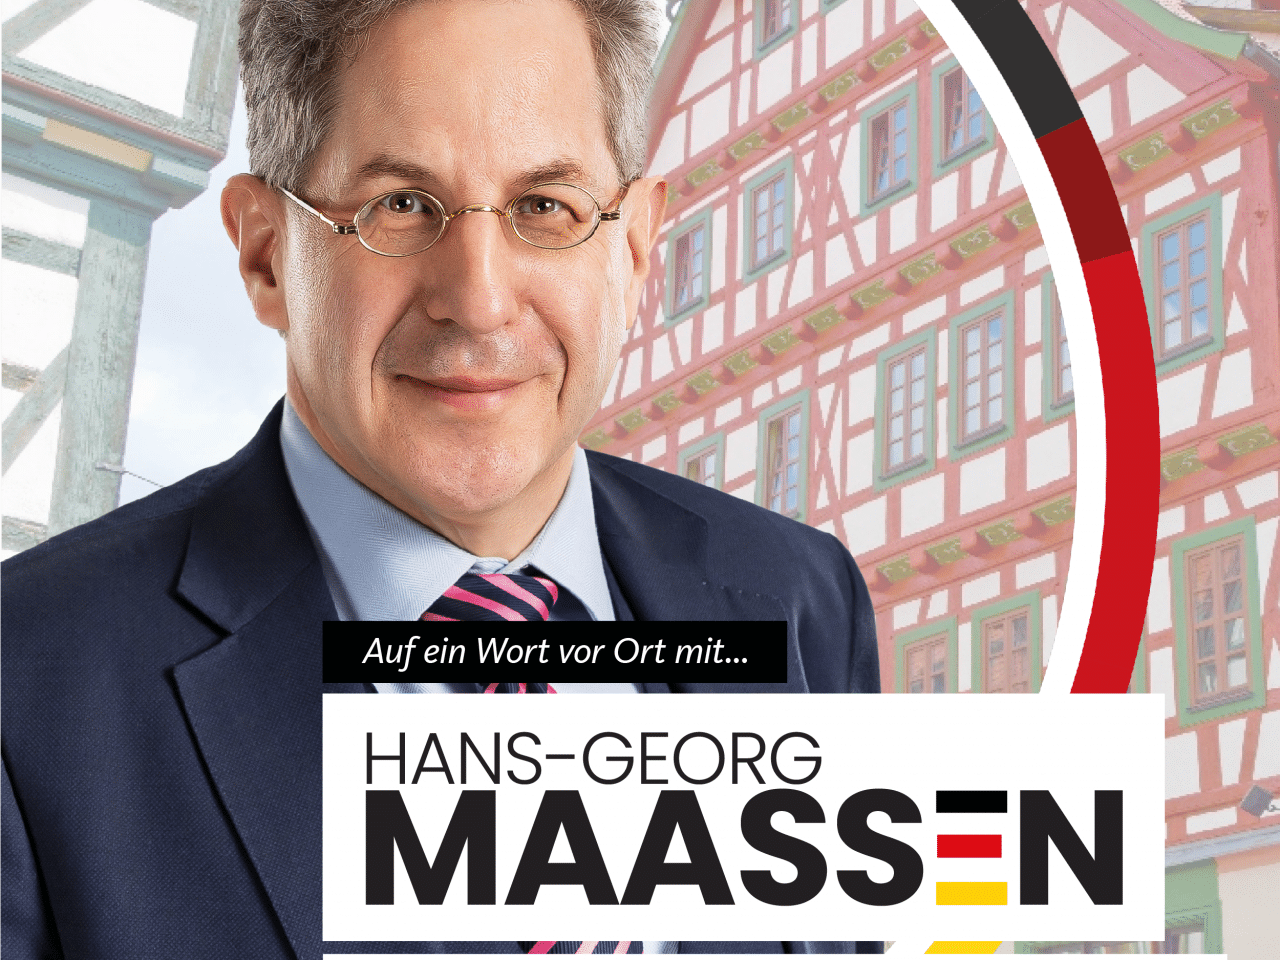 https://hgmaassen.com/wp-content/uploads/2021/09/Kachel_Schmalkalden-1280x960.png